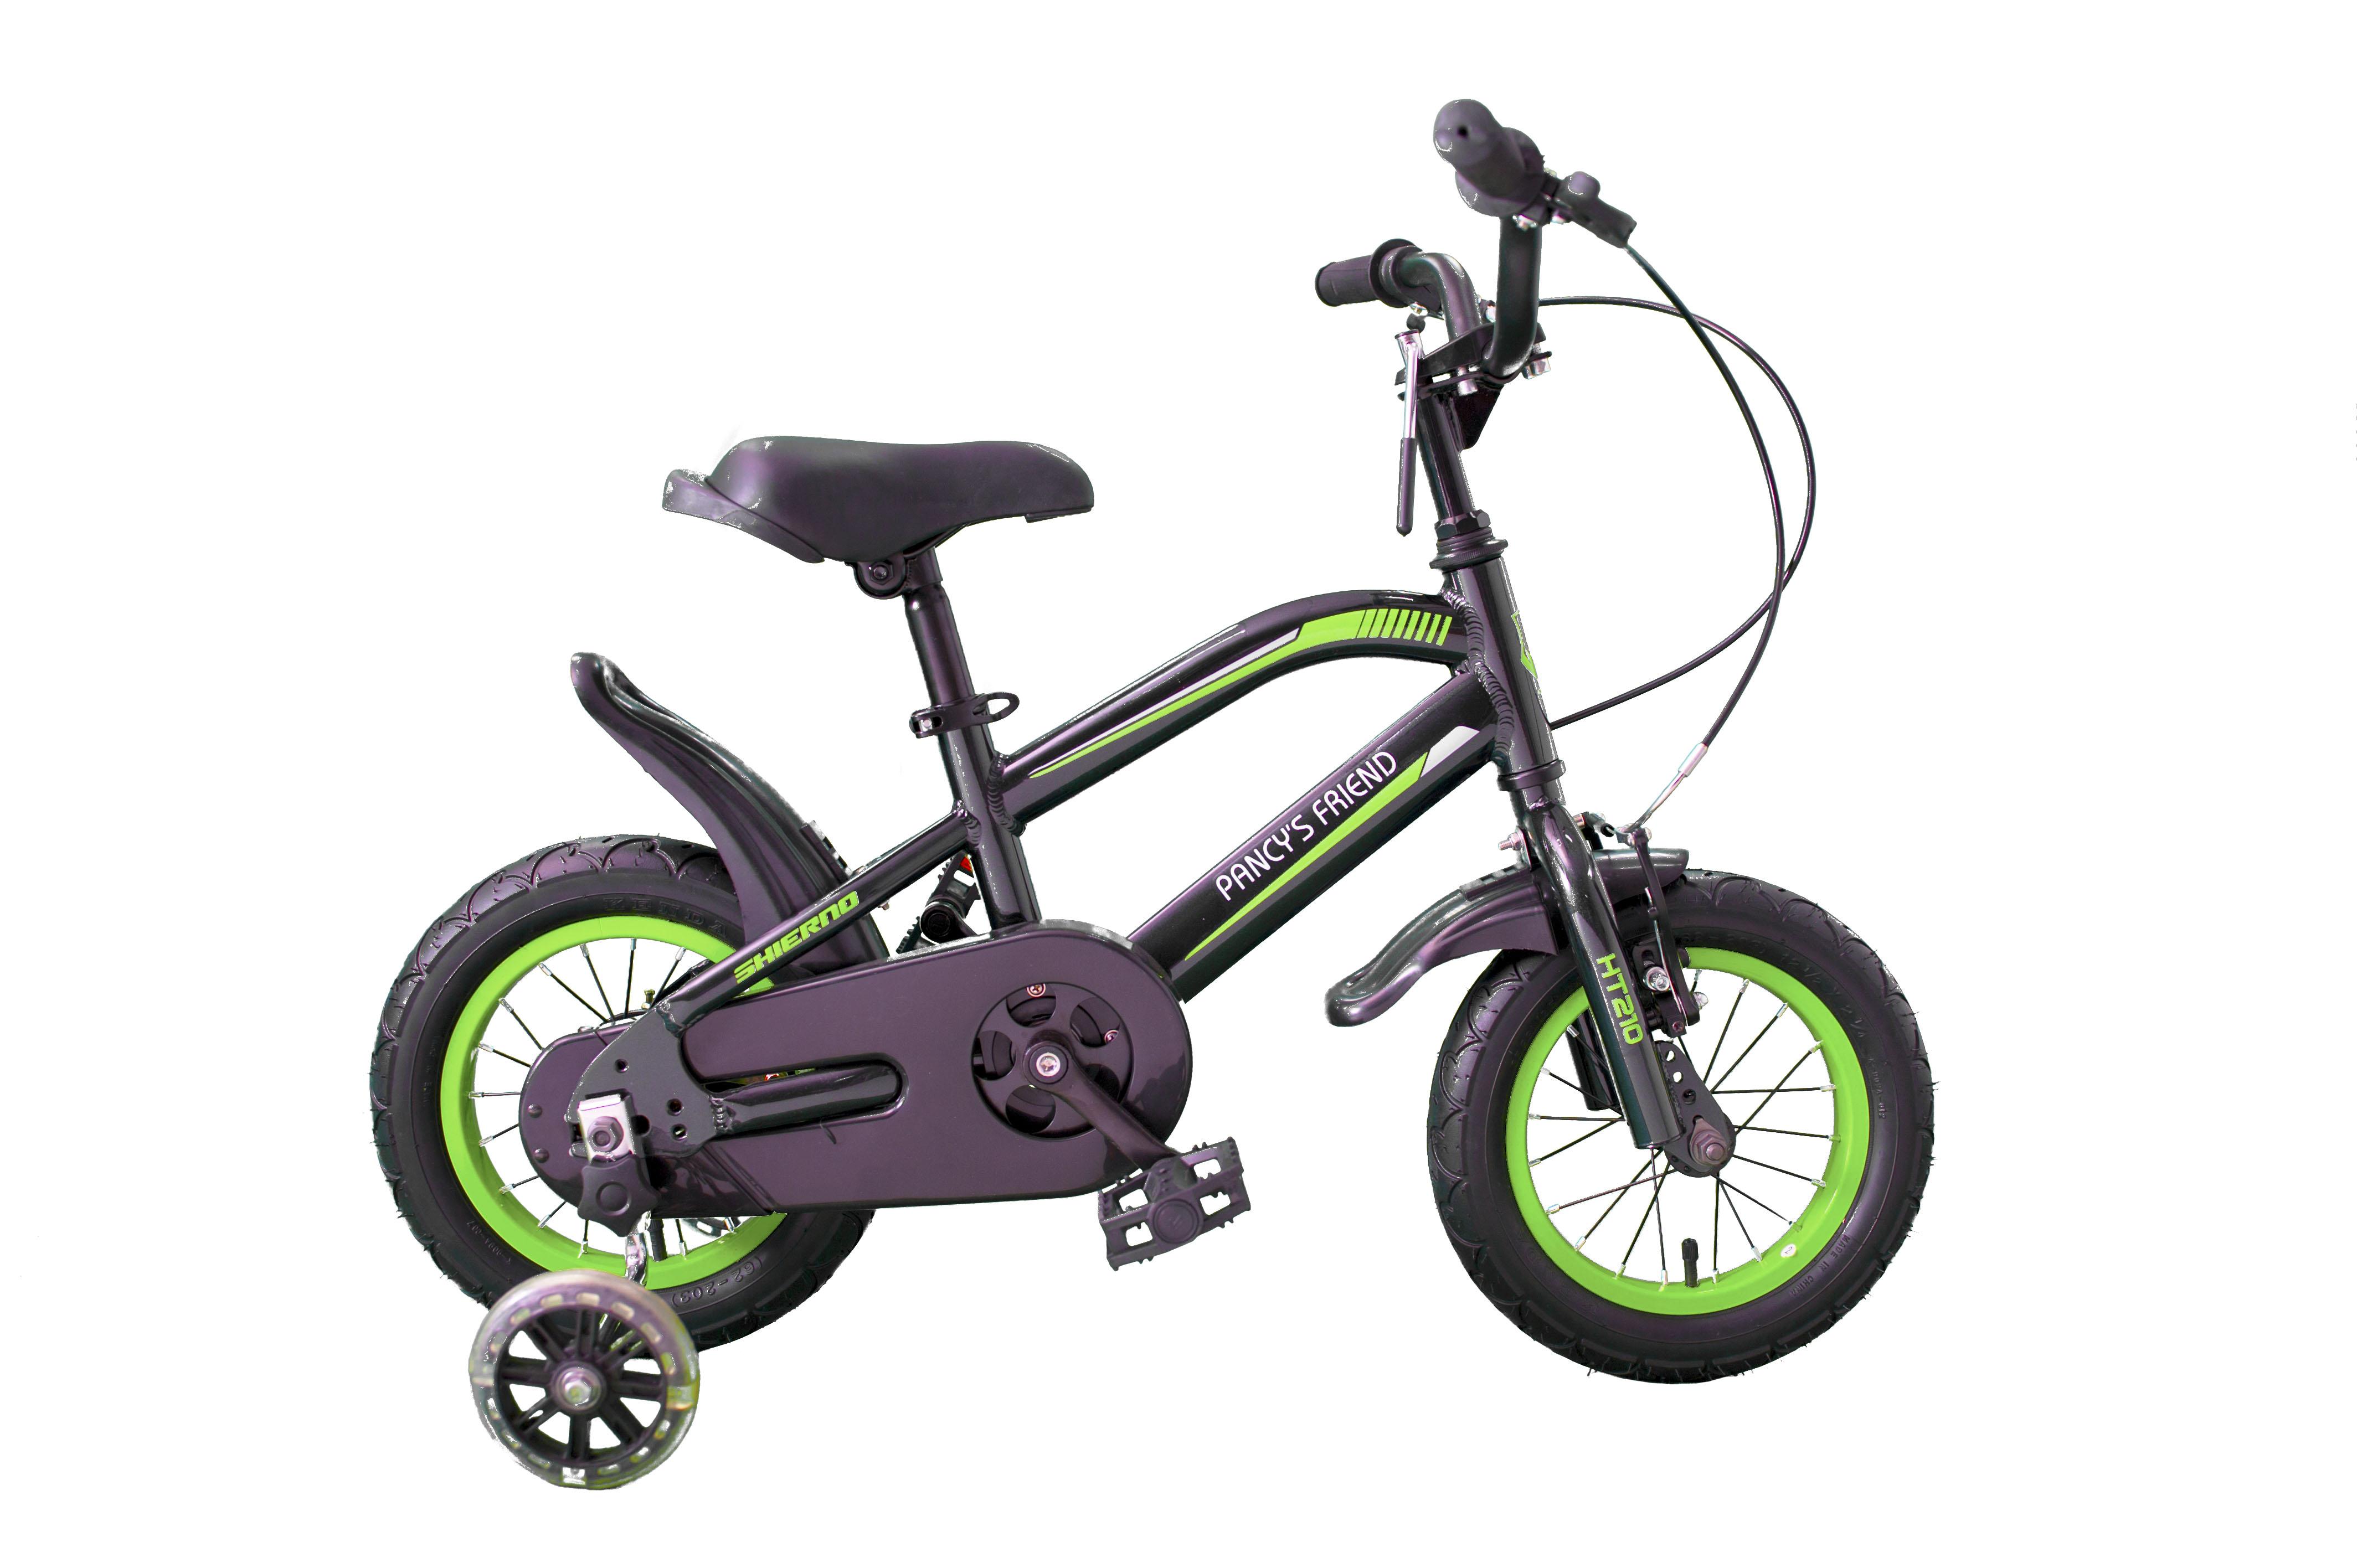 【限時瘋搶 滿$1200折$120】GCB26 SHERNO 12吋童車 ღ 鋁合金車架+輔助輪 ღ 兒童腳踏車 小朋友自行車  幼兒腳踏車